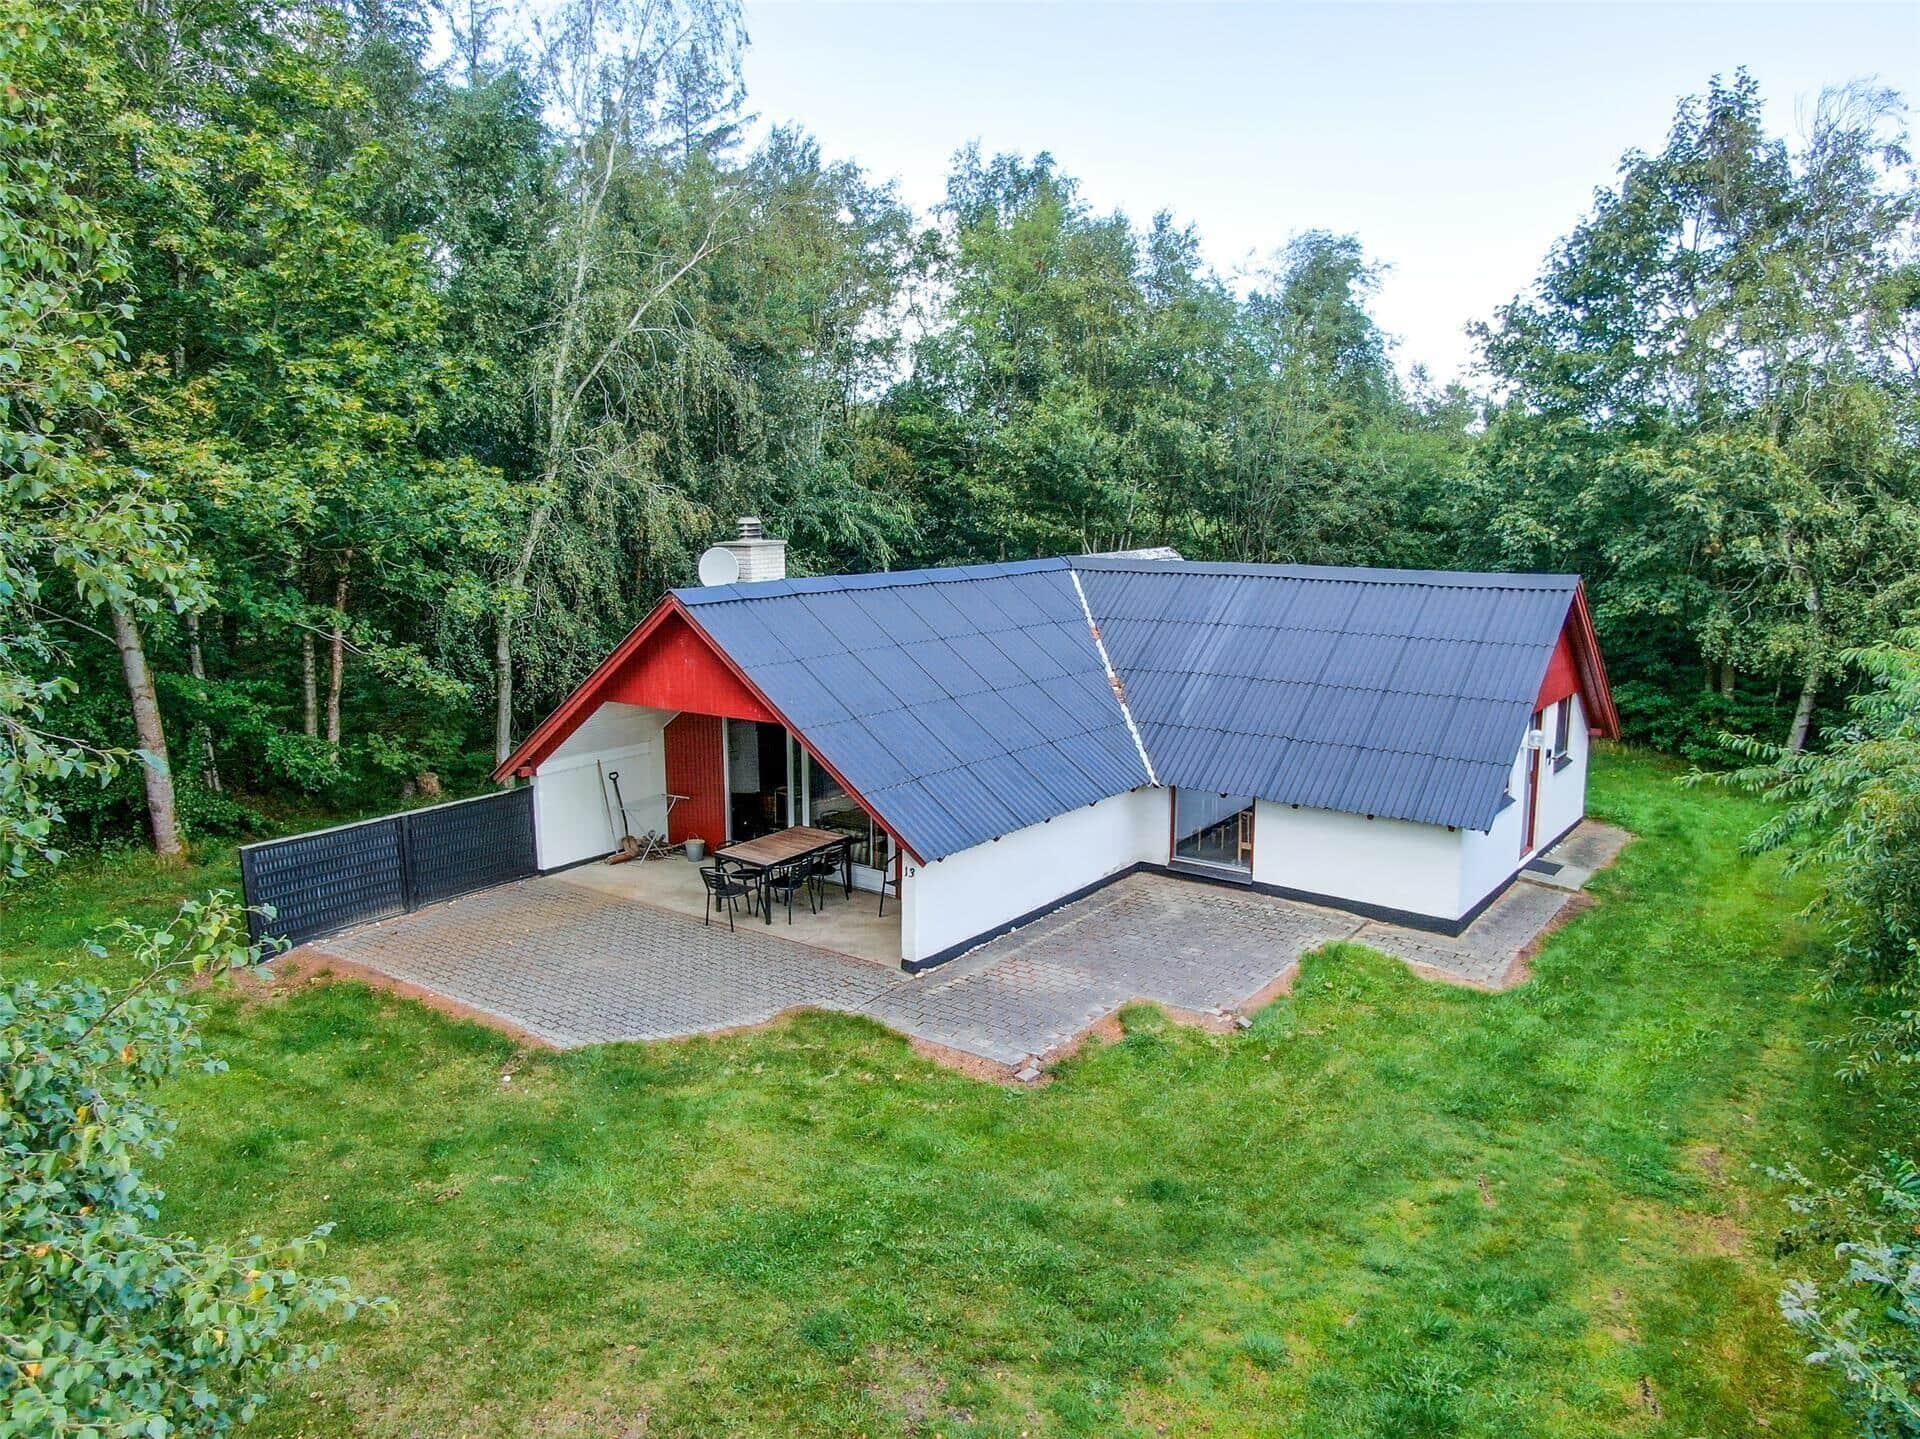 Billede 1-4 Sommerhus 187, Birkealle 13, DK - 6950 Ringkøbing